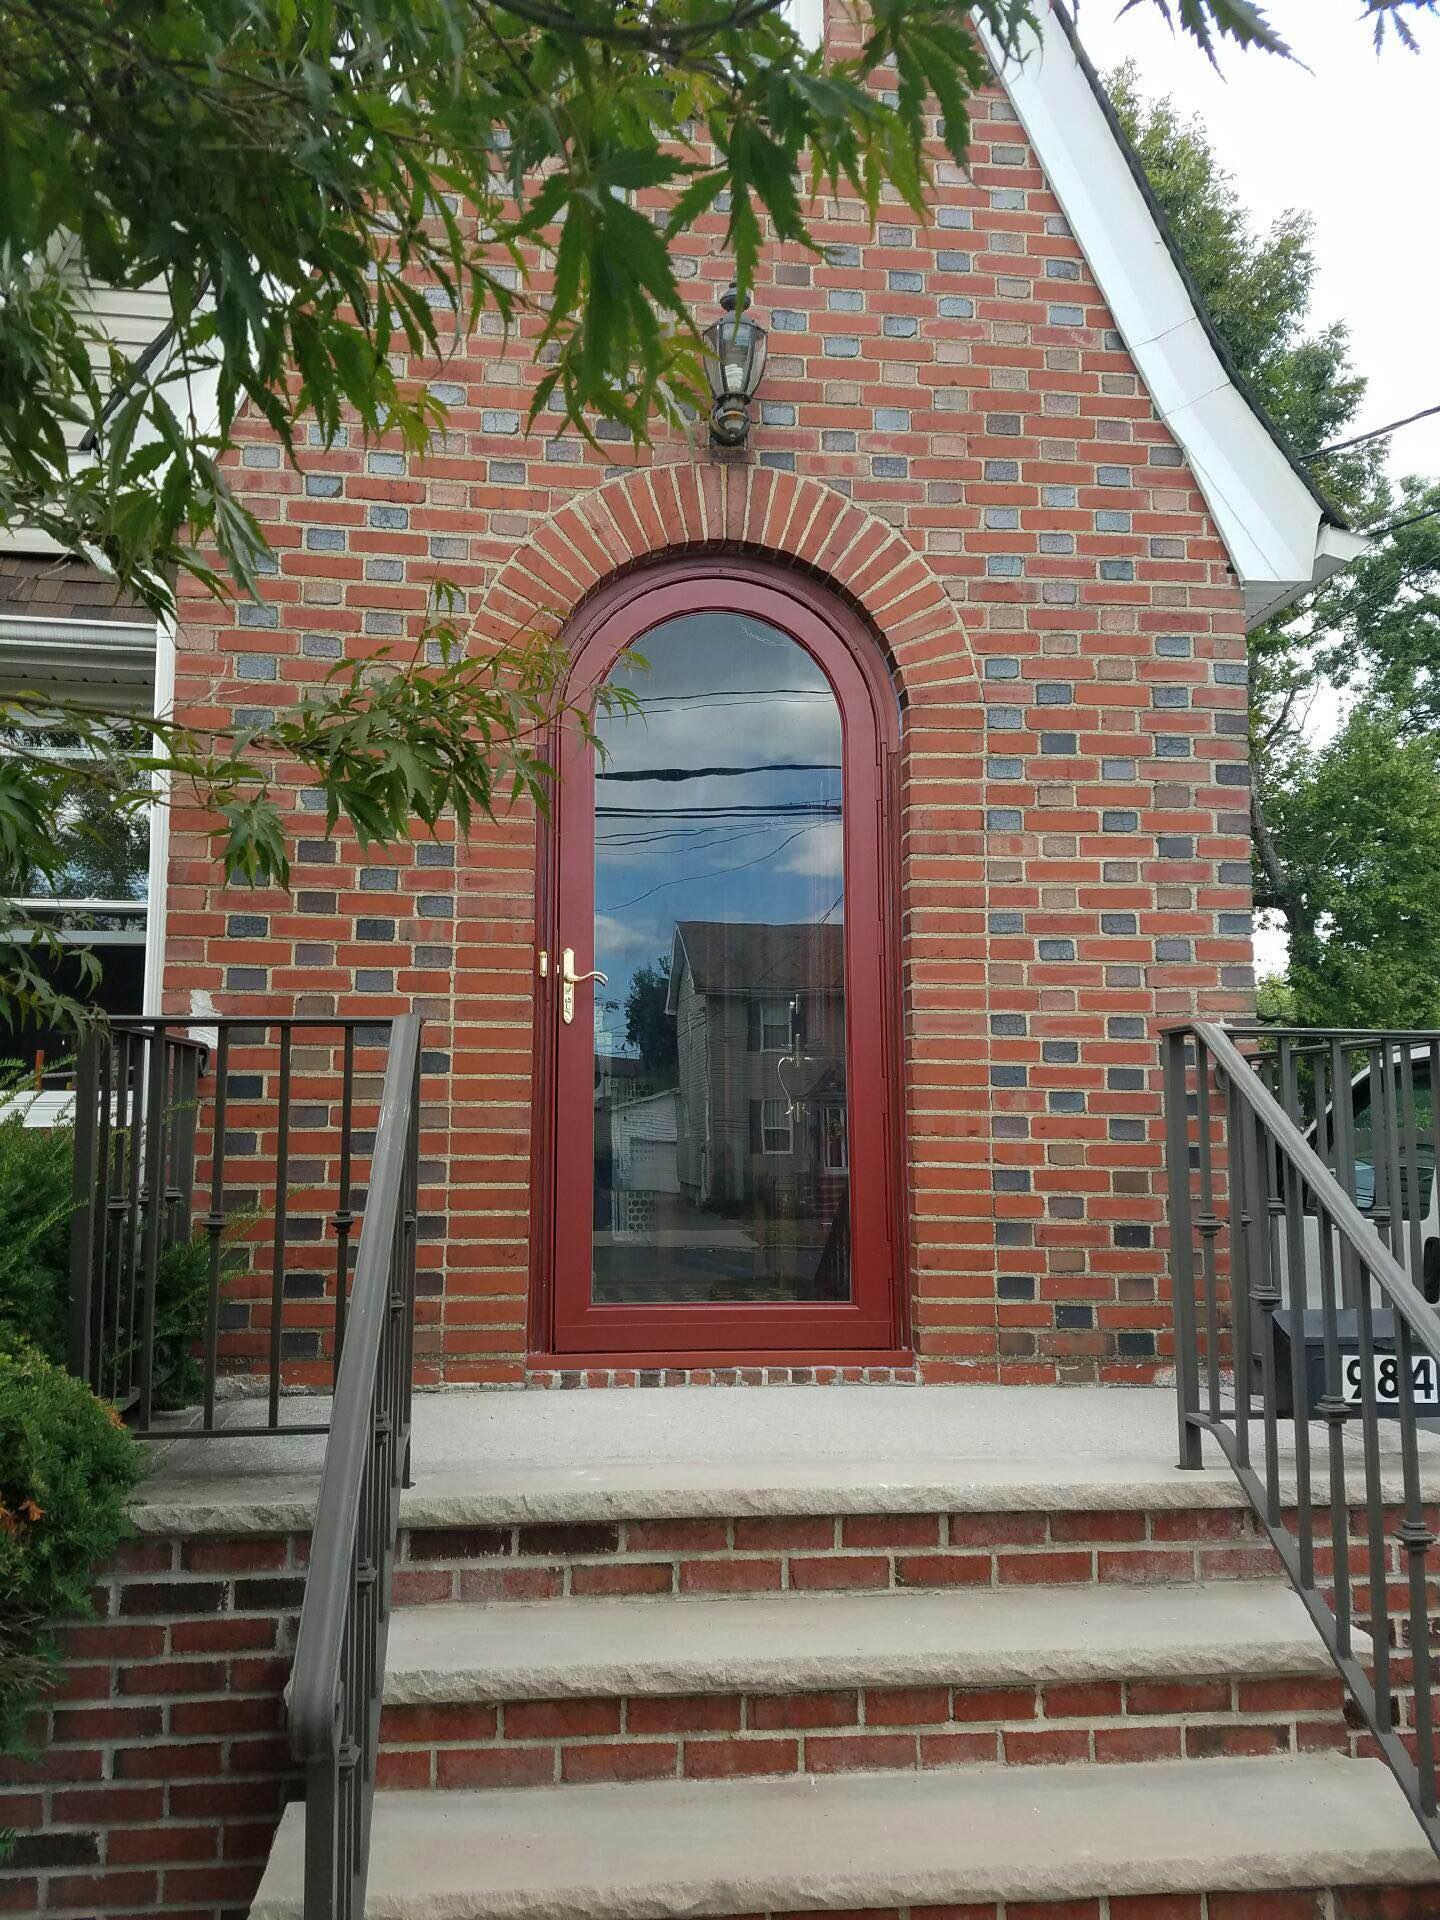 Arch_top_storm_door_union_nj Round Top Storm Door In Red